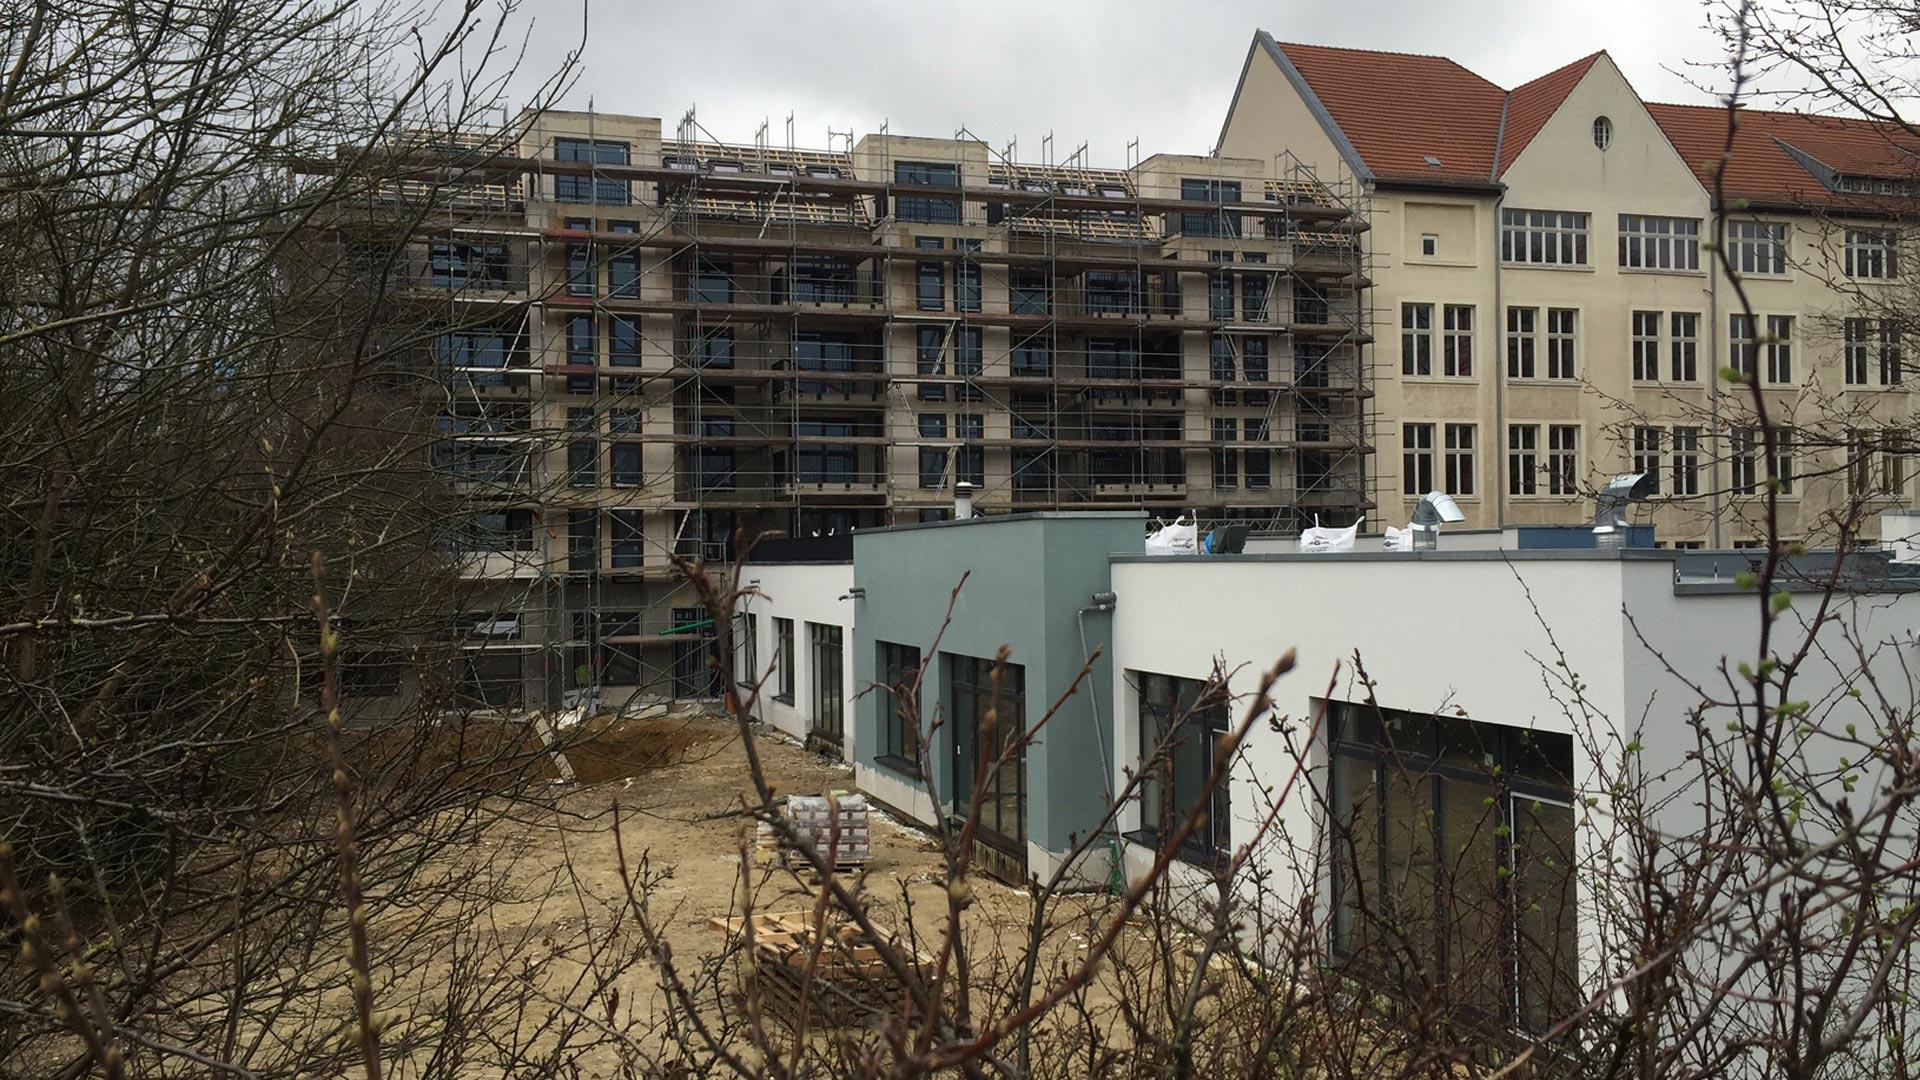 Kita wohnbau aachen jan andr meyer architekten k ln - Architekten aachen ...